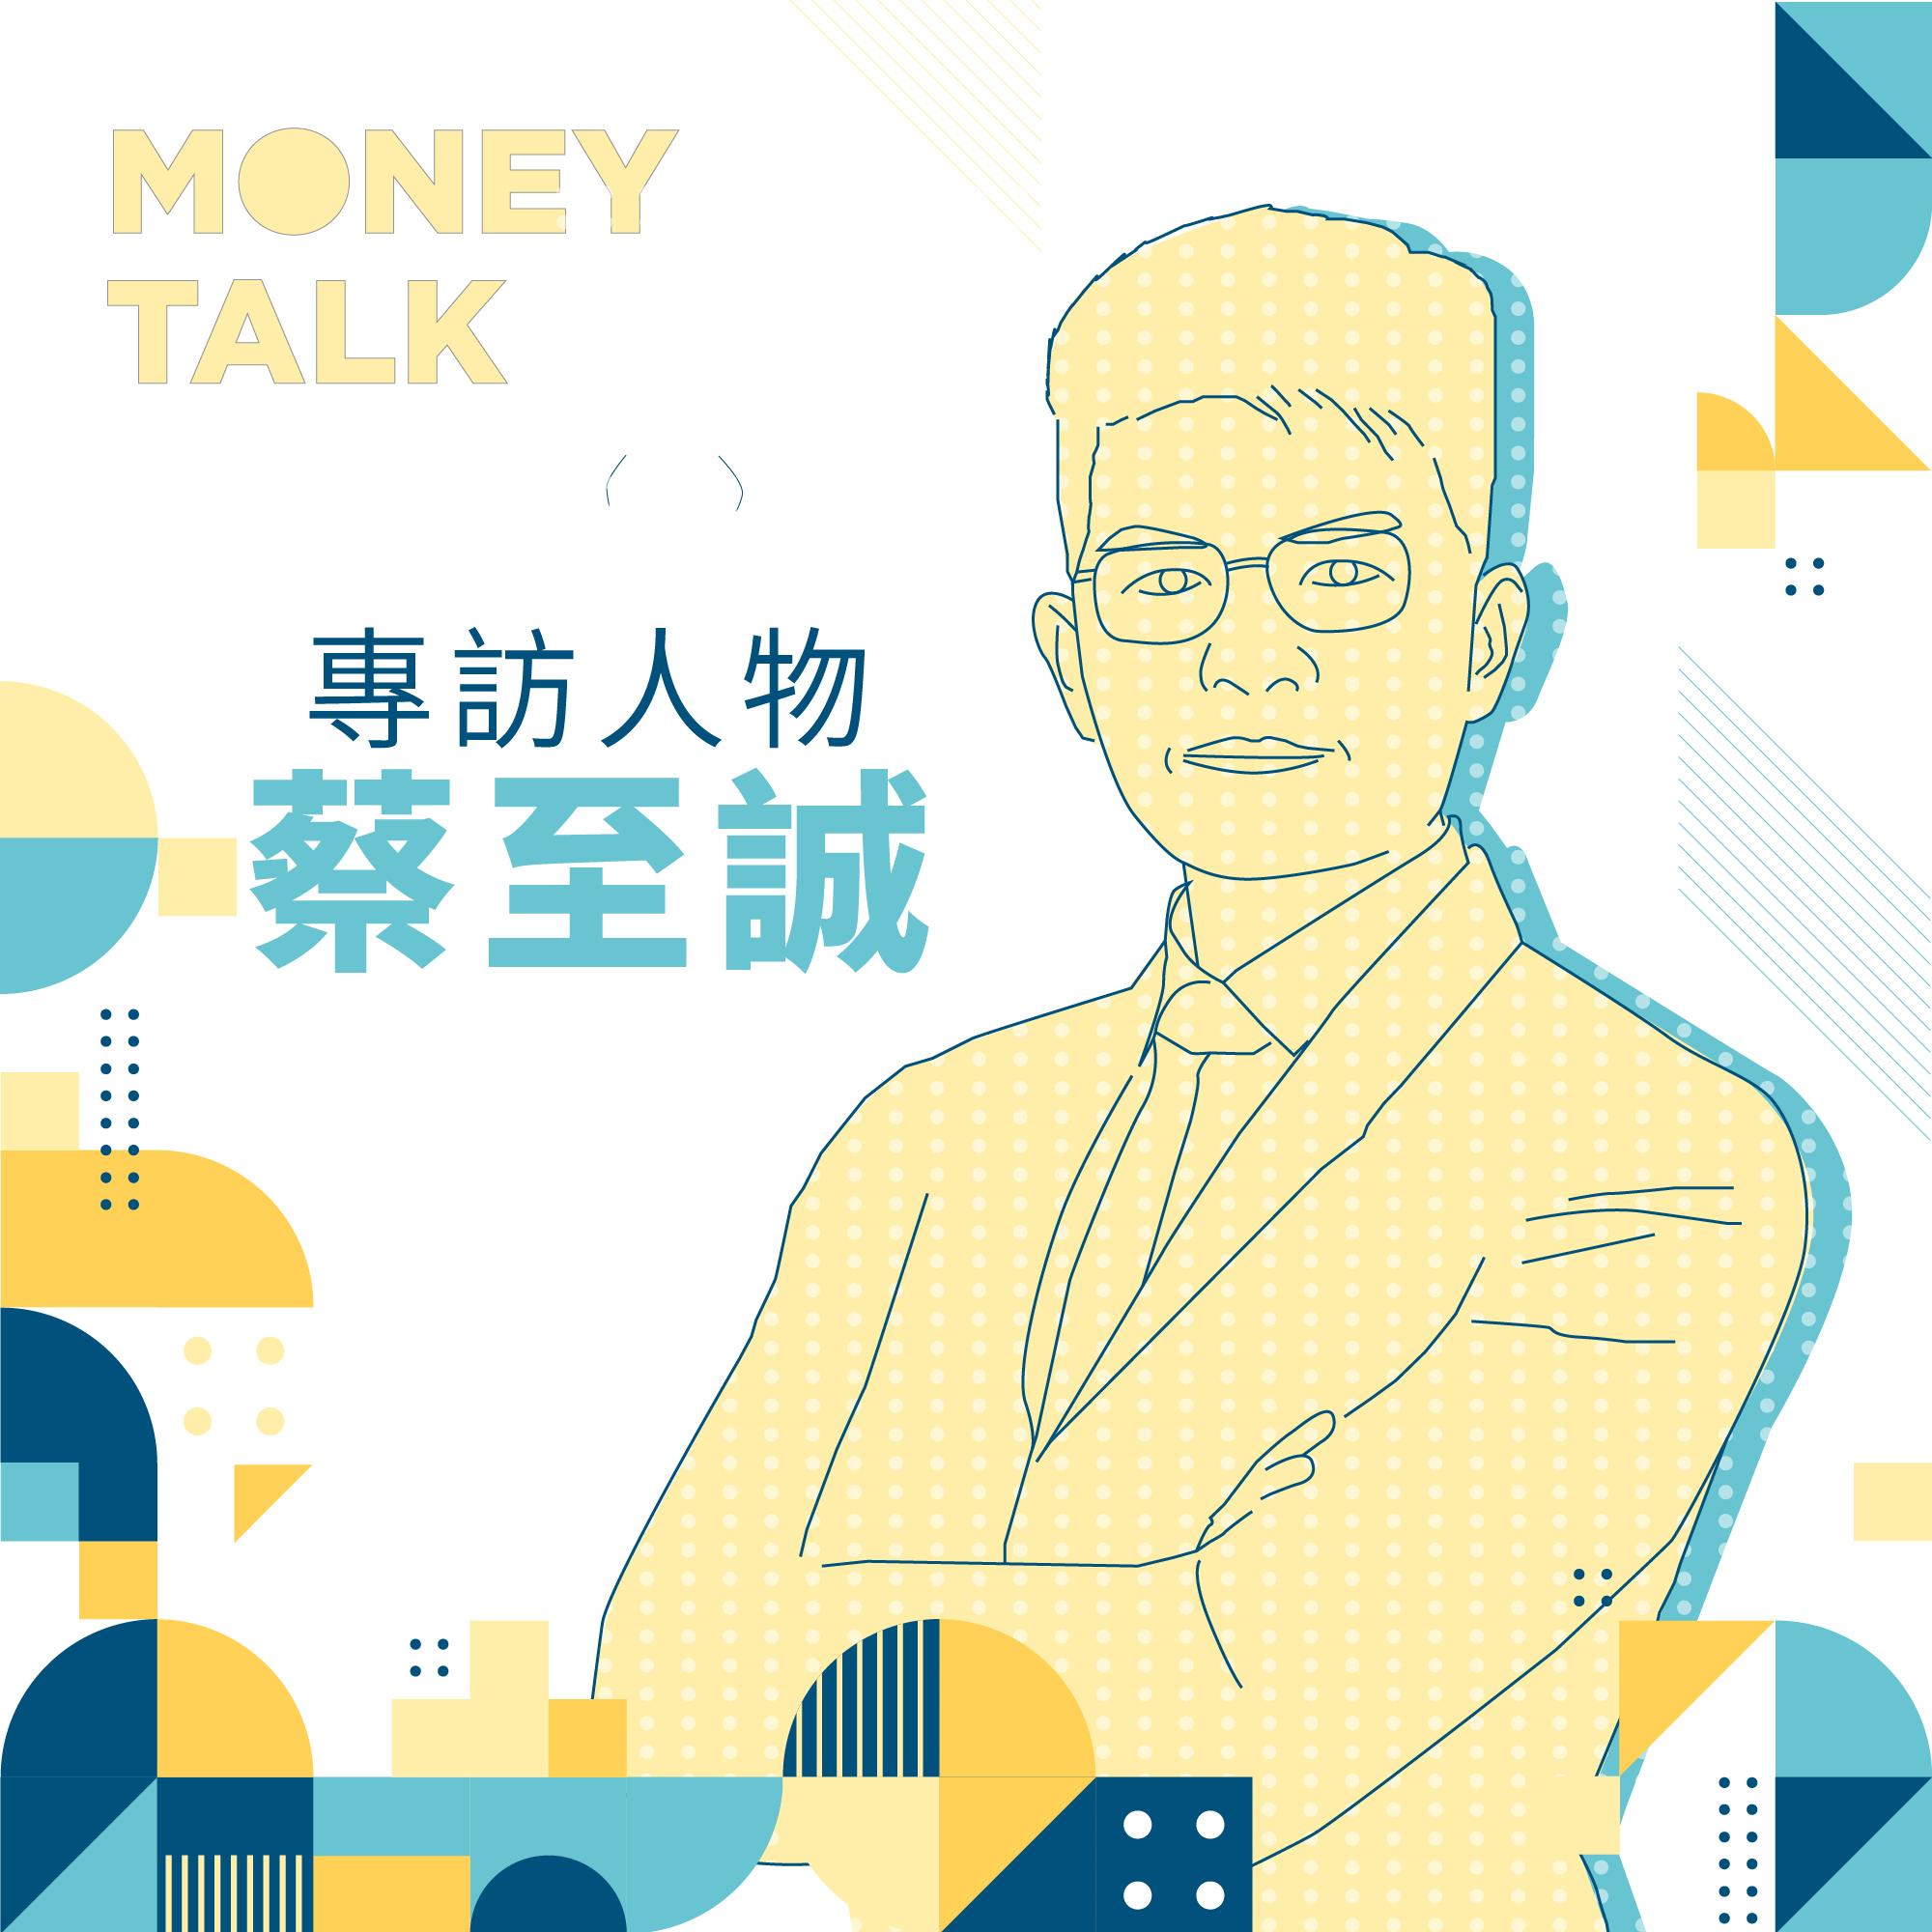 蔡至誠:我存過上海商銀、押過比特幣,直到用指數投資才知道,大跌真的是好事【聽你說】